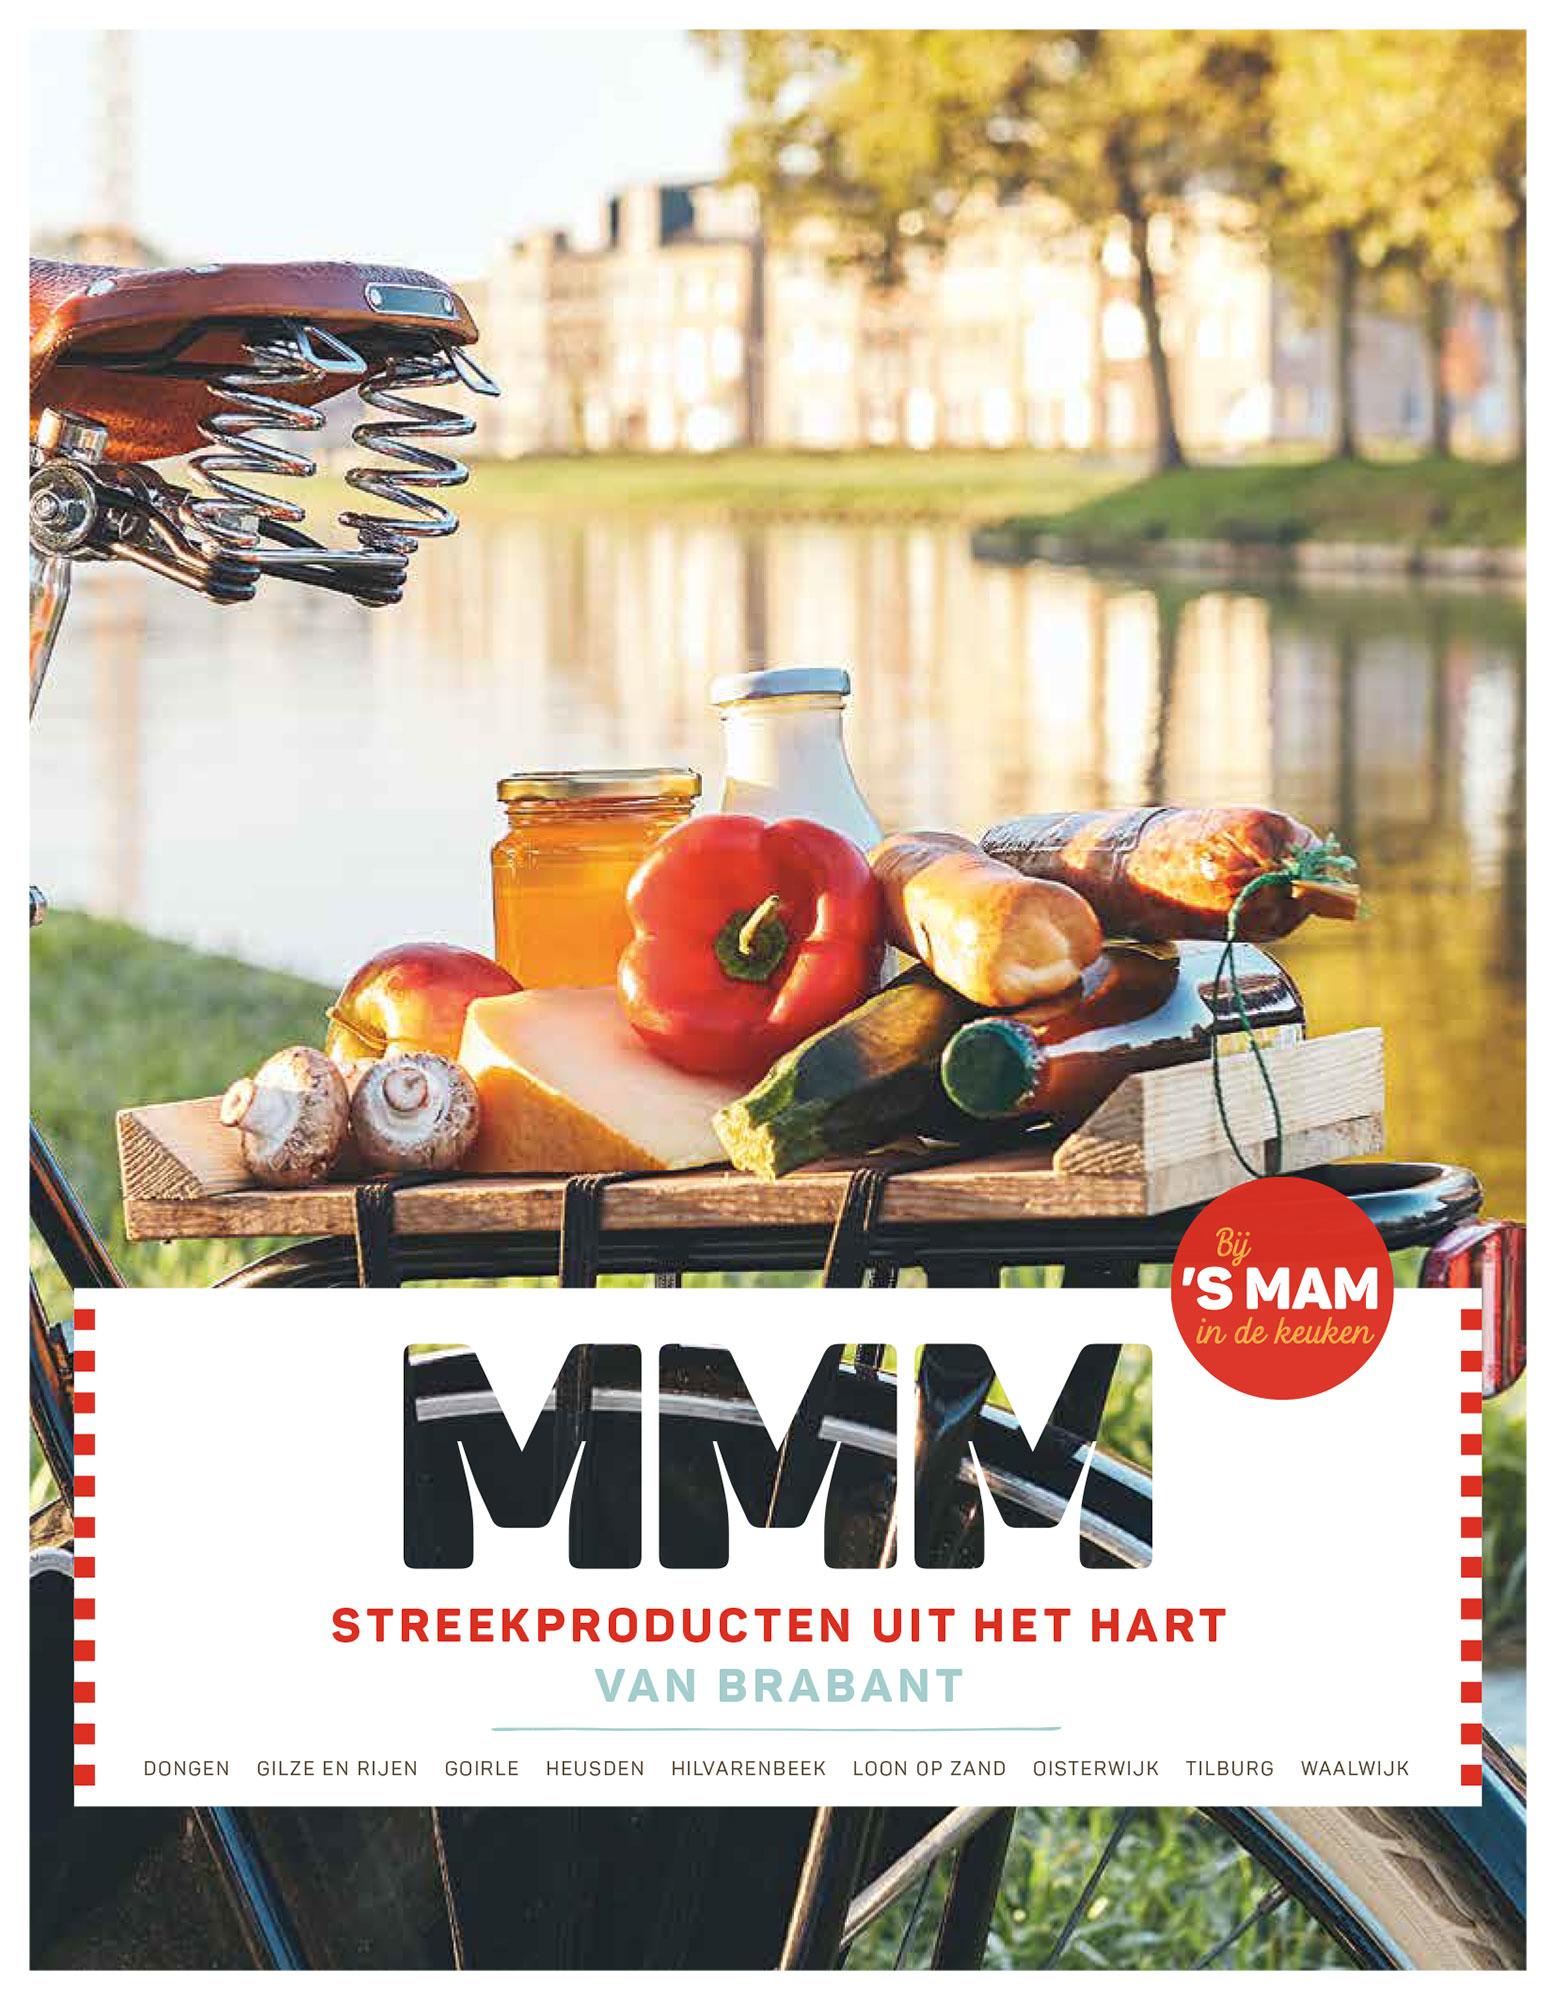 MMM streekproducten uit het Hart van Brabant Midpoint Brabant grafisch drukwerk ontwerp JAgd